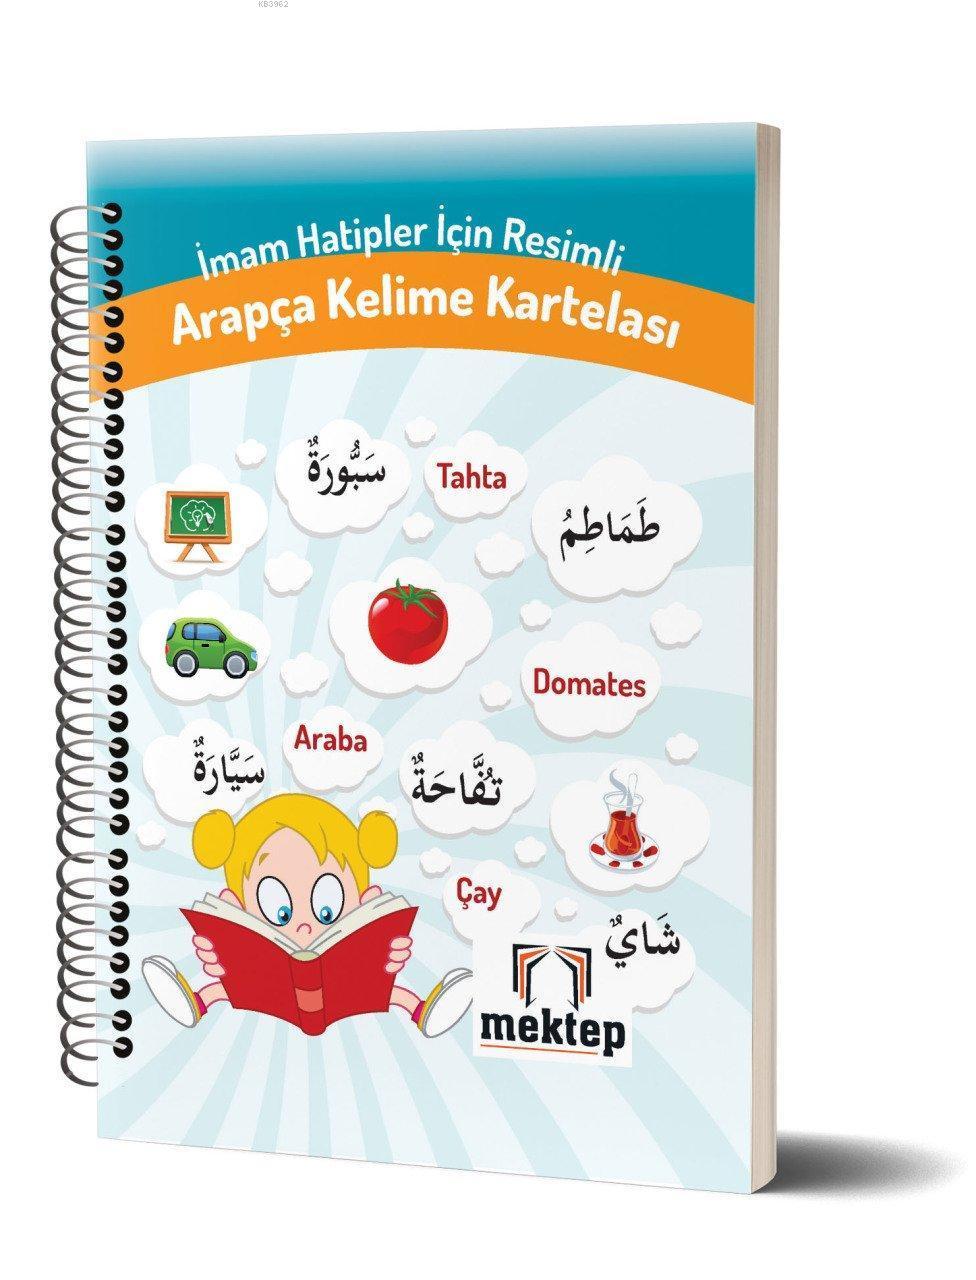 Arapça Kelime Kartelası